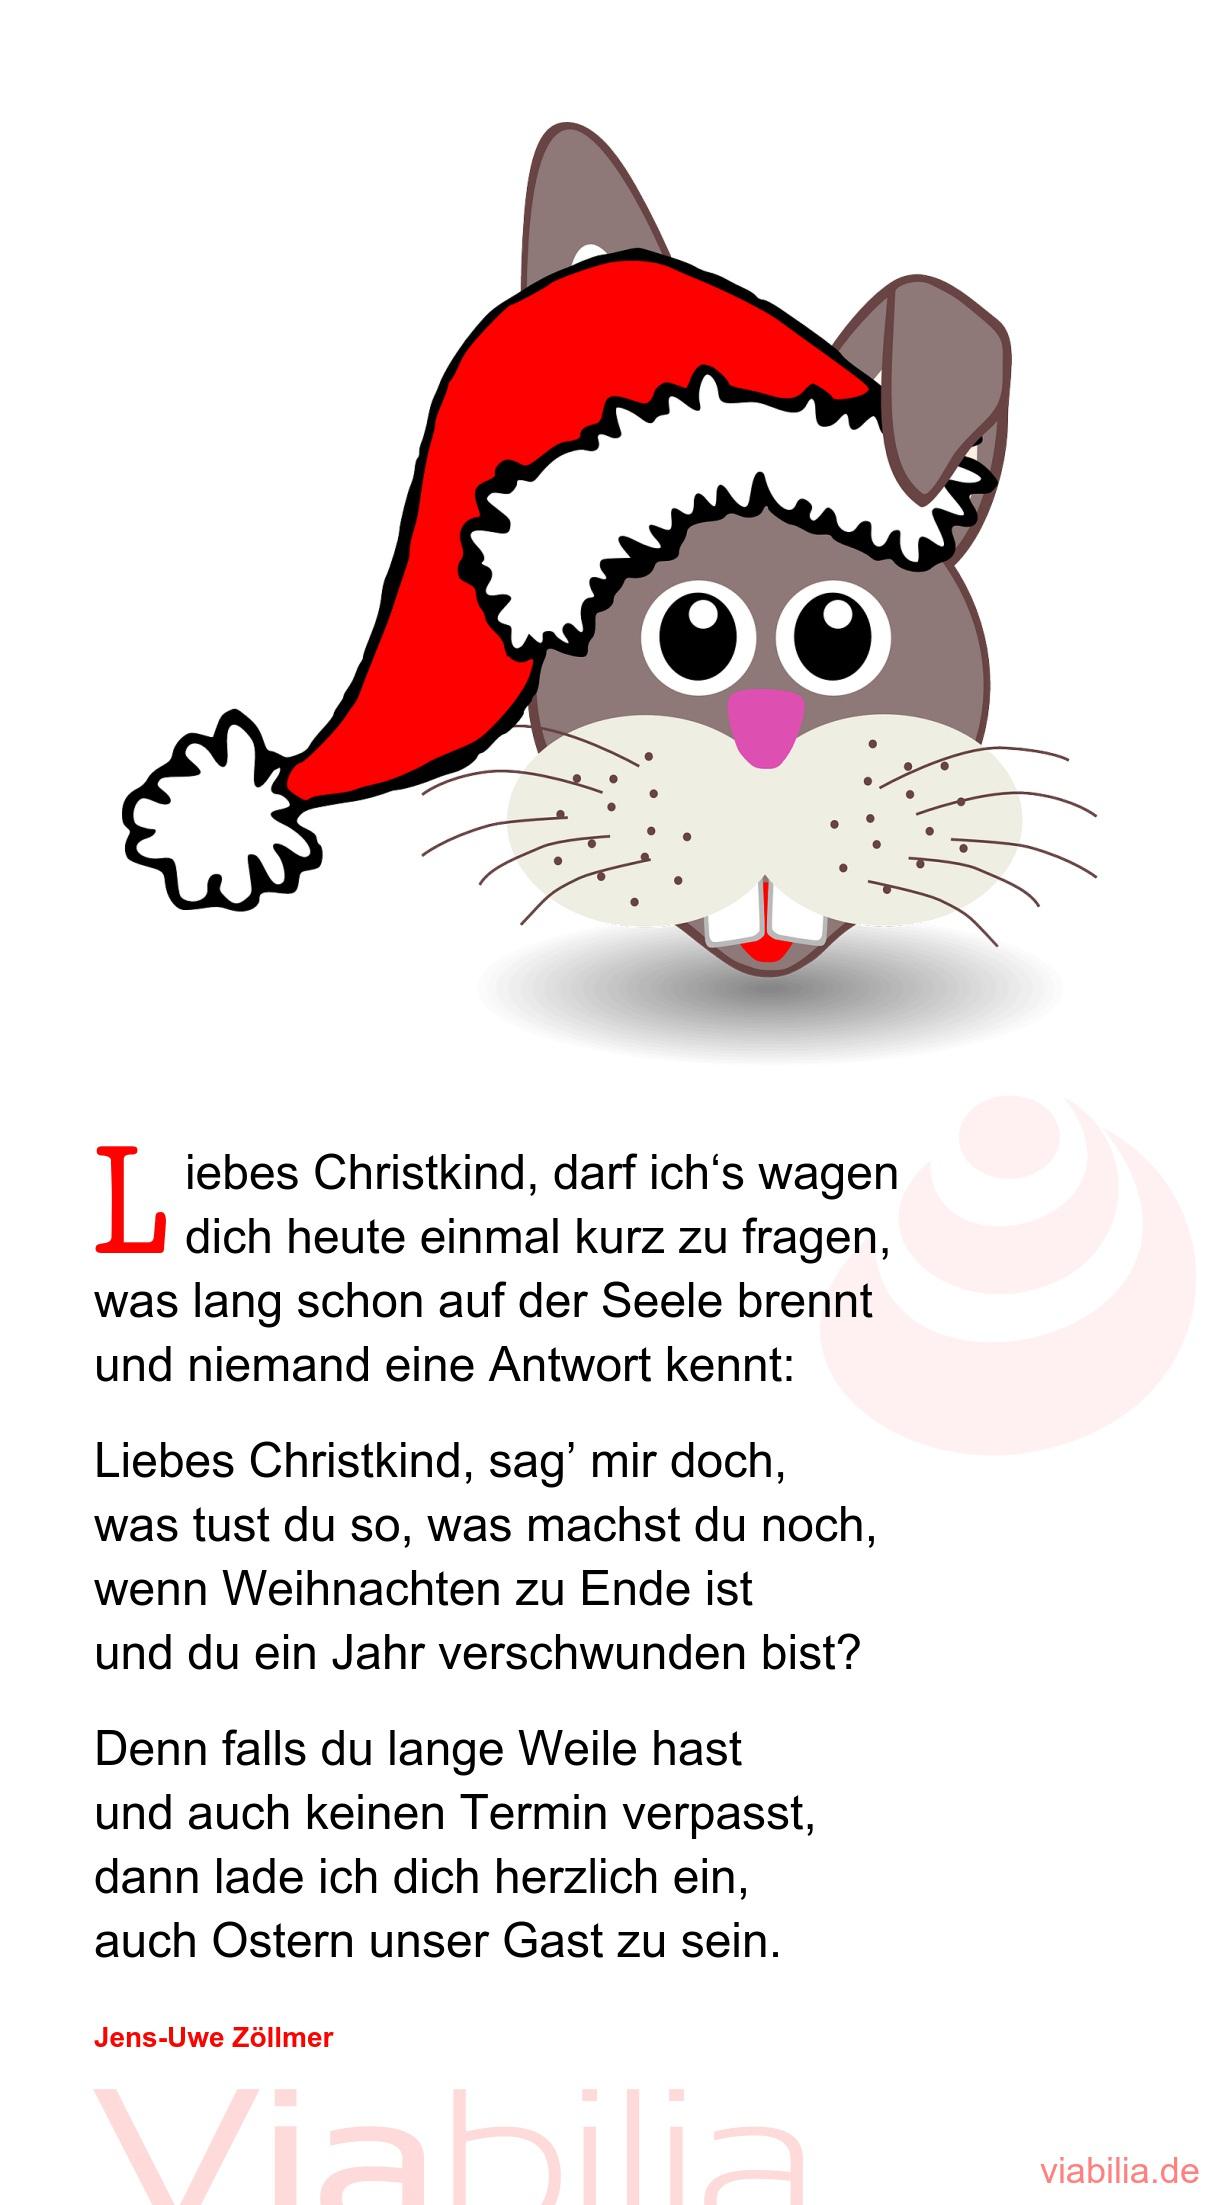 Liebes Christkind, Darf Ich's Wagen  - Weihnachtsgedicht für Weihnachtsgedichte Grundschule